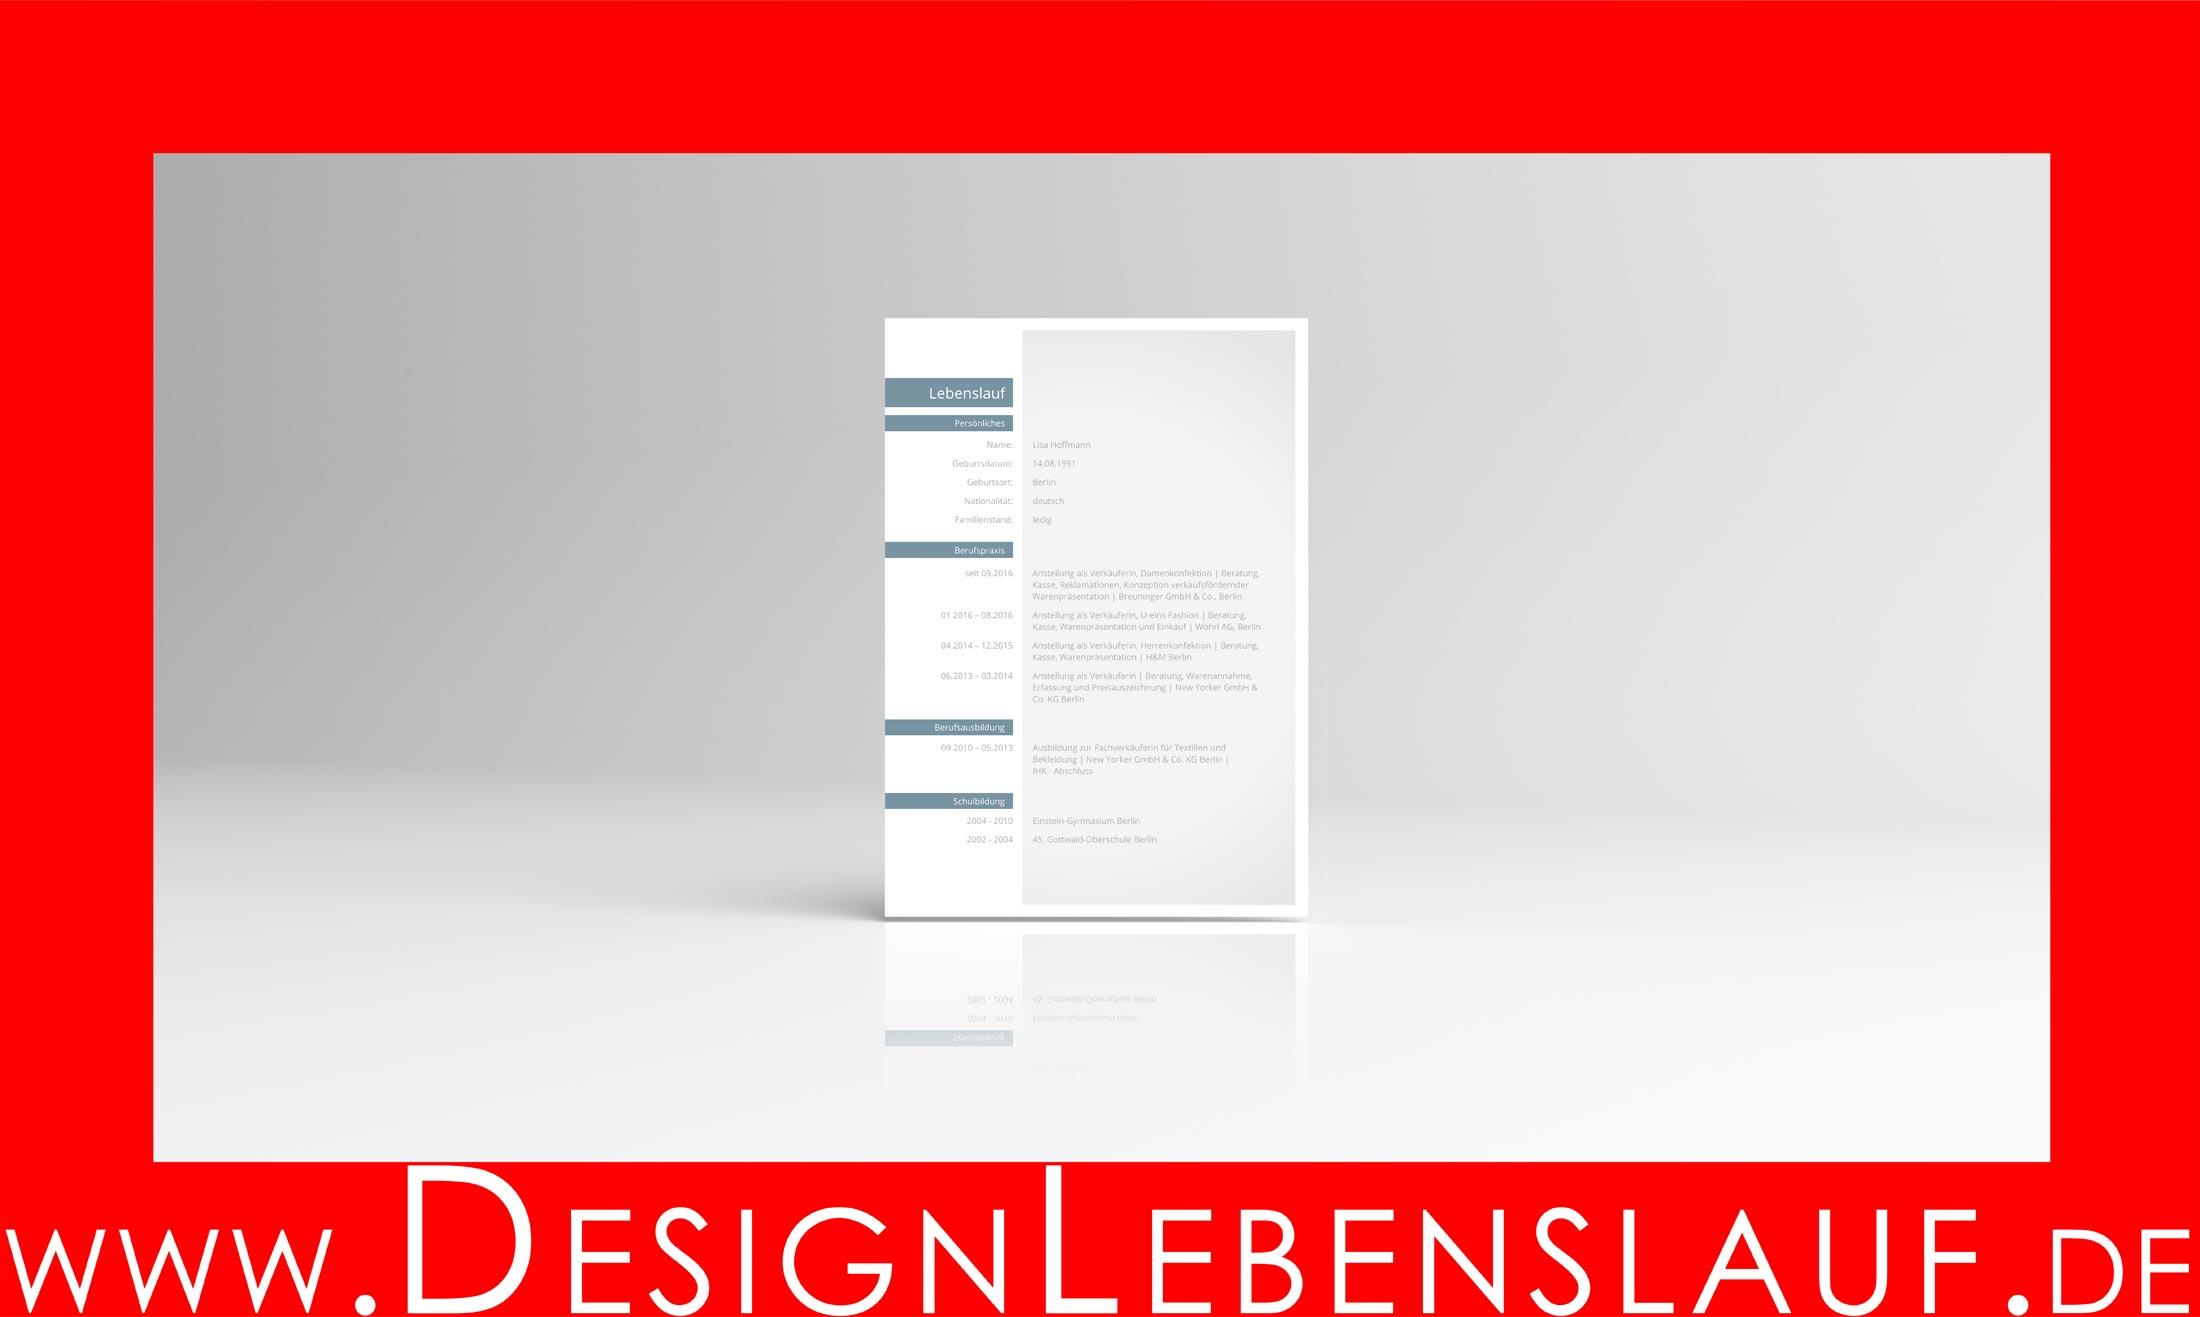 Anschreiben Bewerbung mit Designlebenslauf als Download